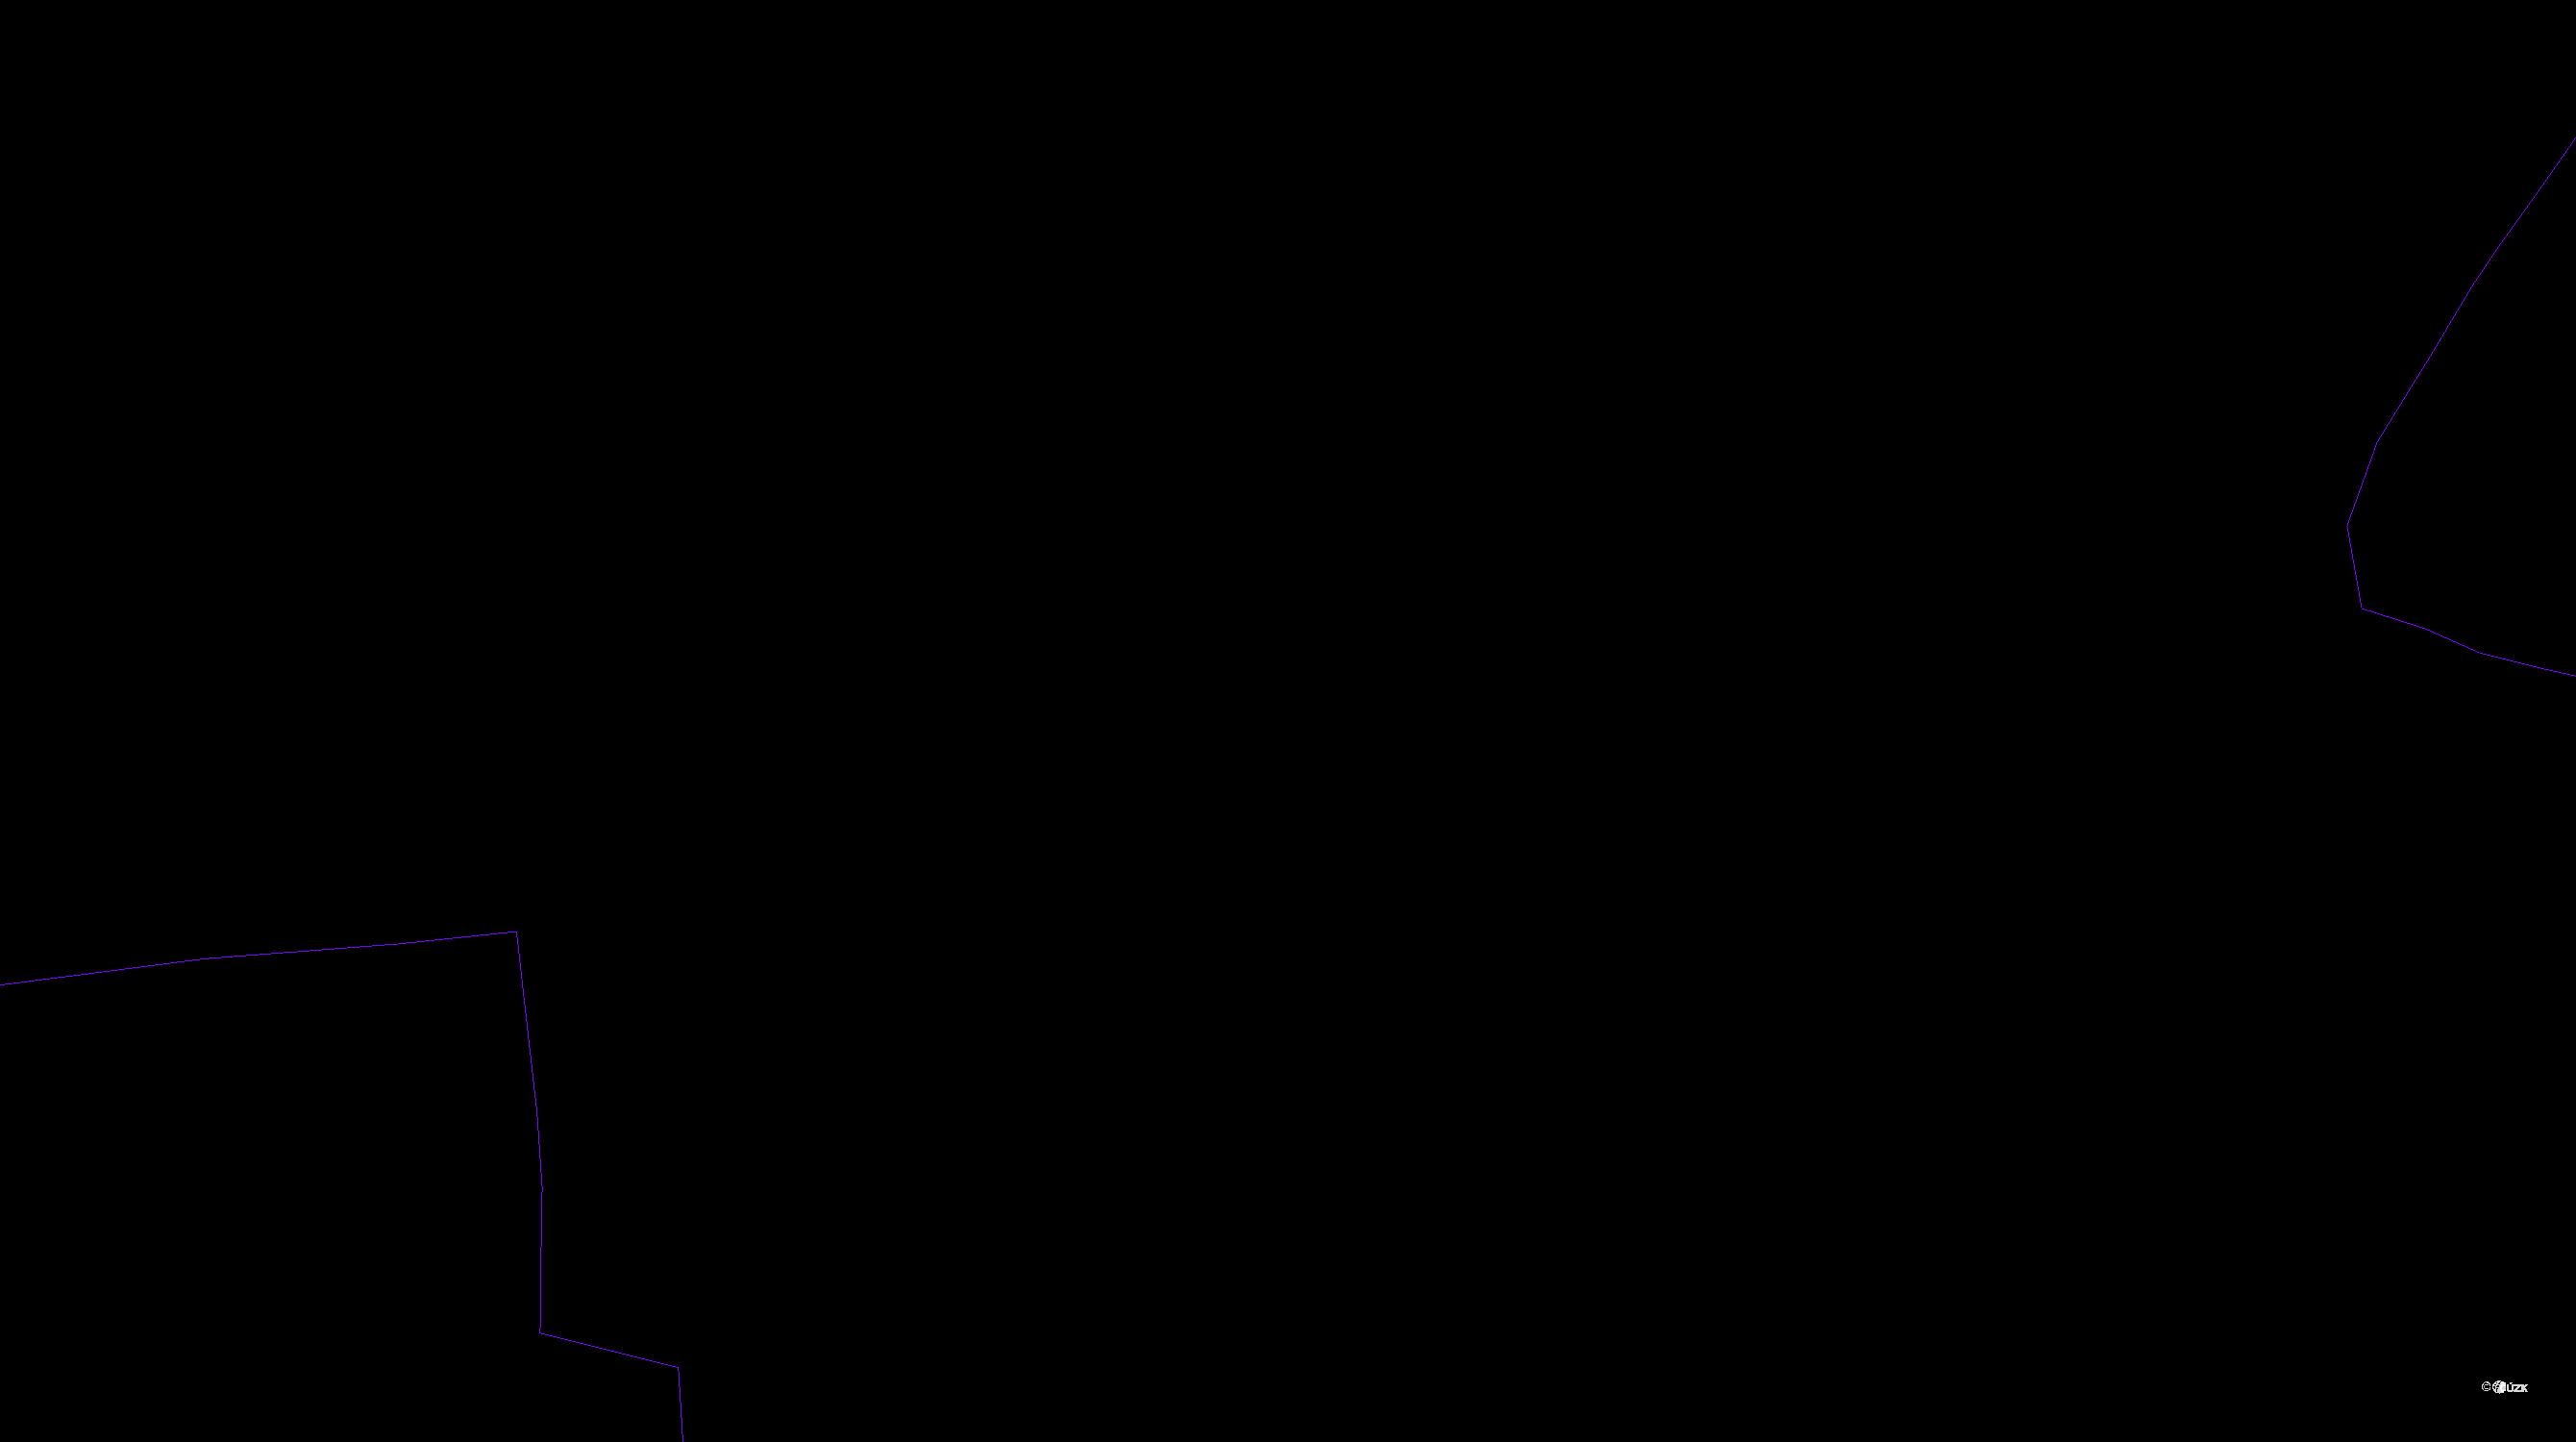 Katastrální mapa pozemků a čísla parcel Lukohořany